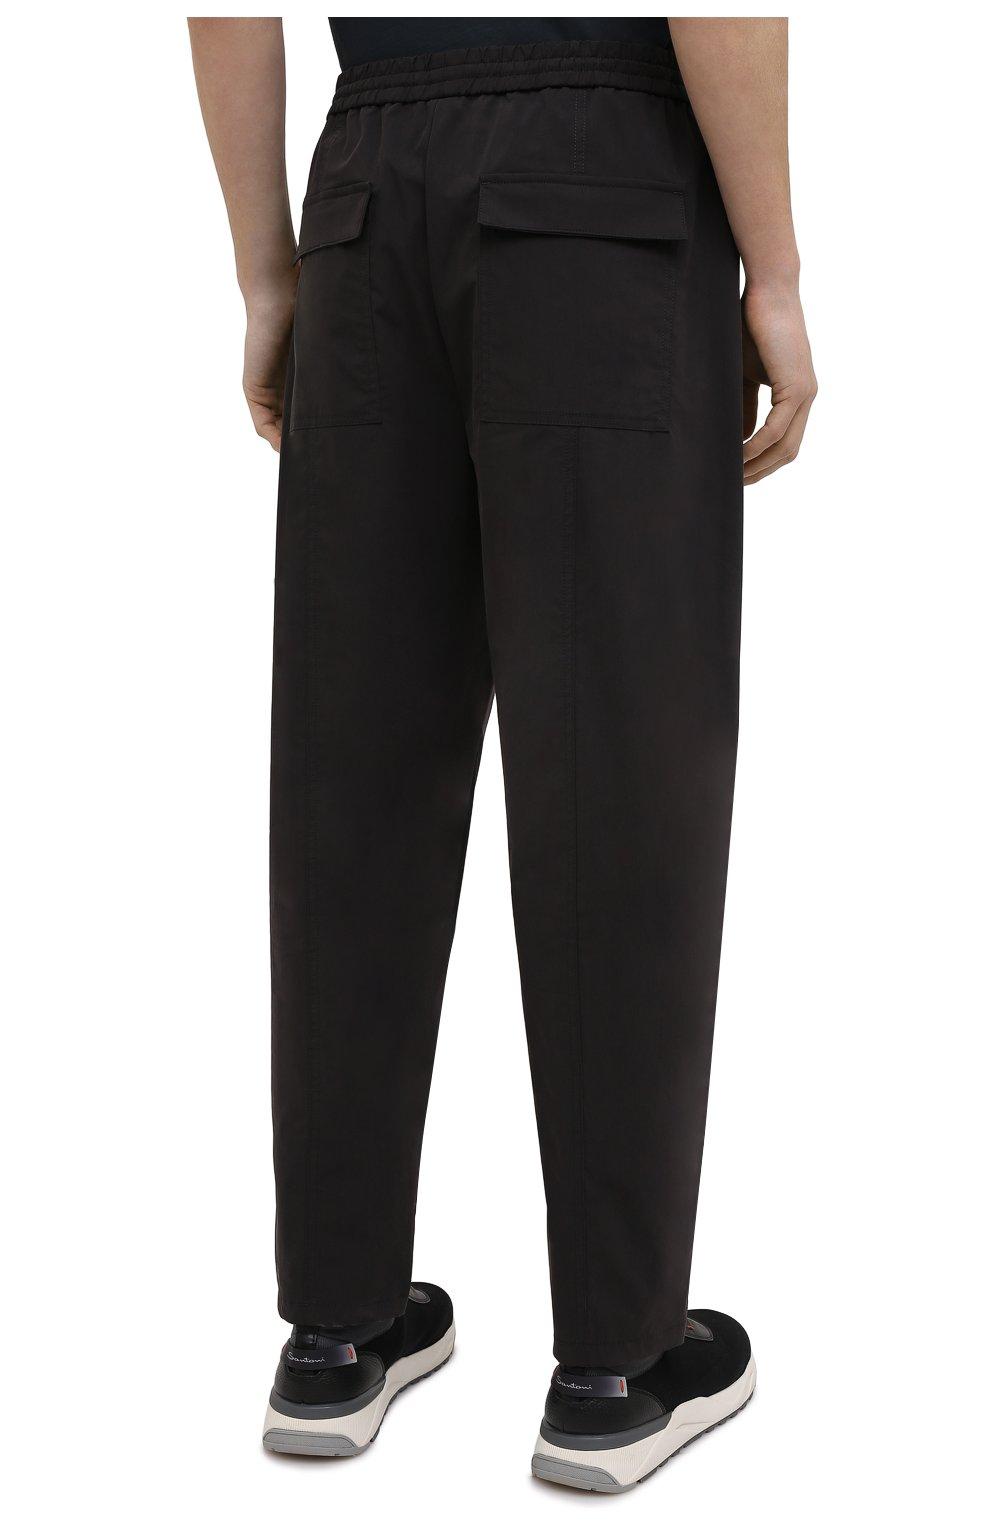 Мужские брюки EMPORIO ARMANI черного цвета, арт. A1P740/A1066   Фото 4 (Длина (брюки, джинсы): Стандартные; Случай: Повседневный; Материал внешний: Синтетический материал, Хлопок; Стили: Кэжуэл)